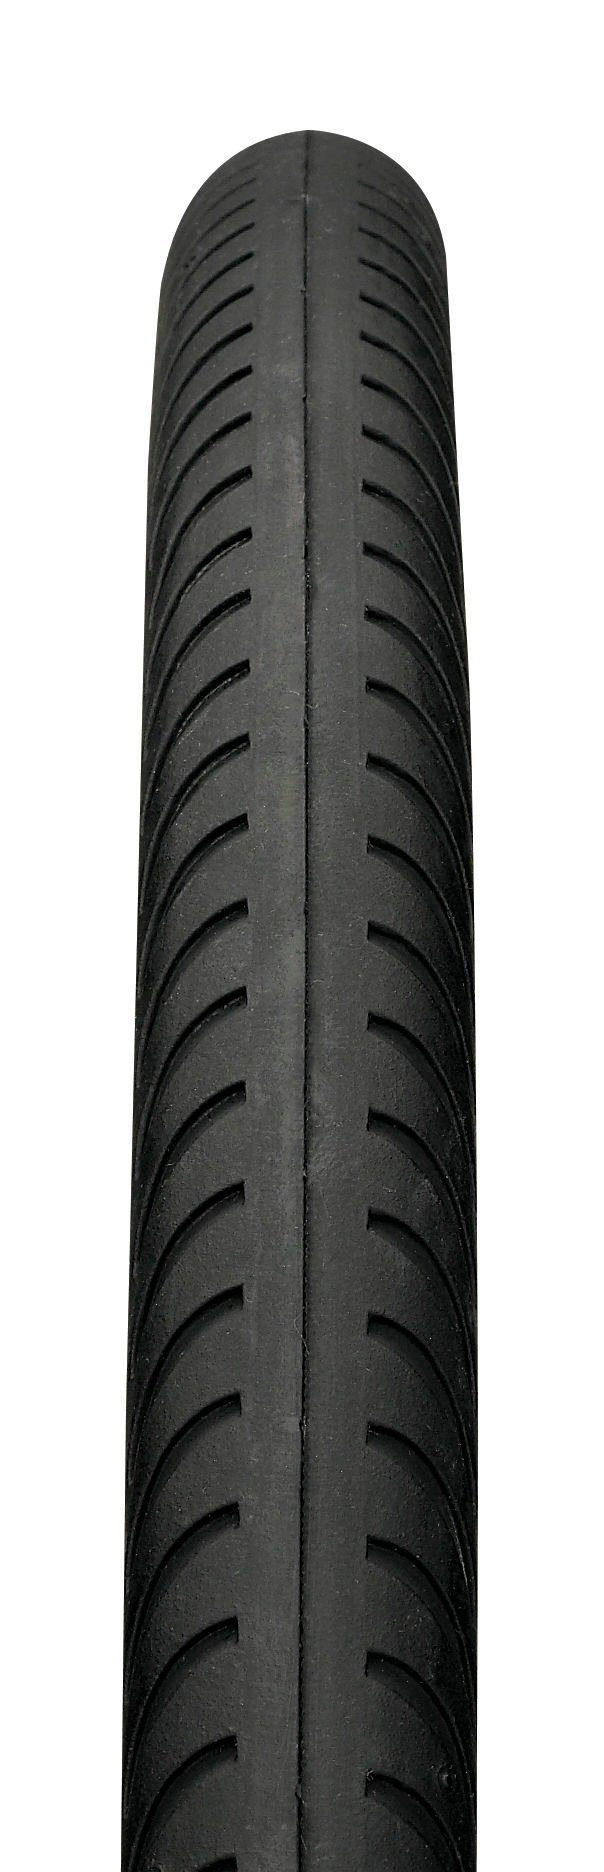 """Ritchey Fahrradreifen »Comp Tom Slick Faltreifen 27.5x1.10"""" 30TPI«"""